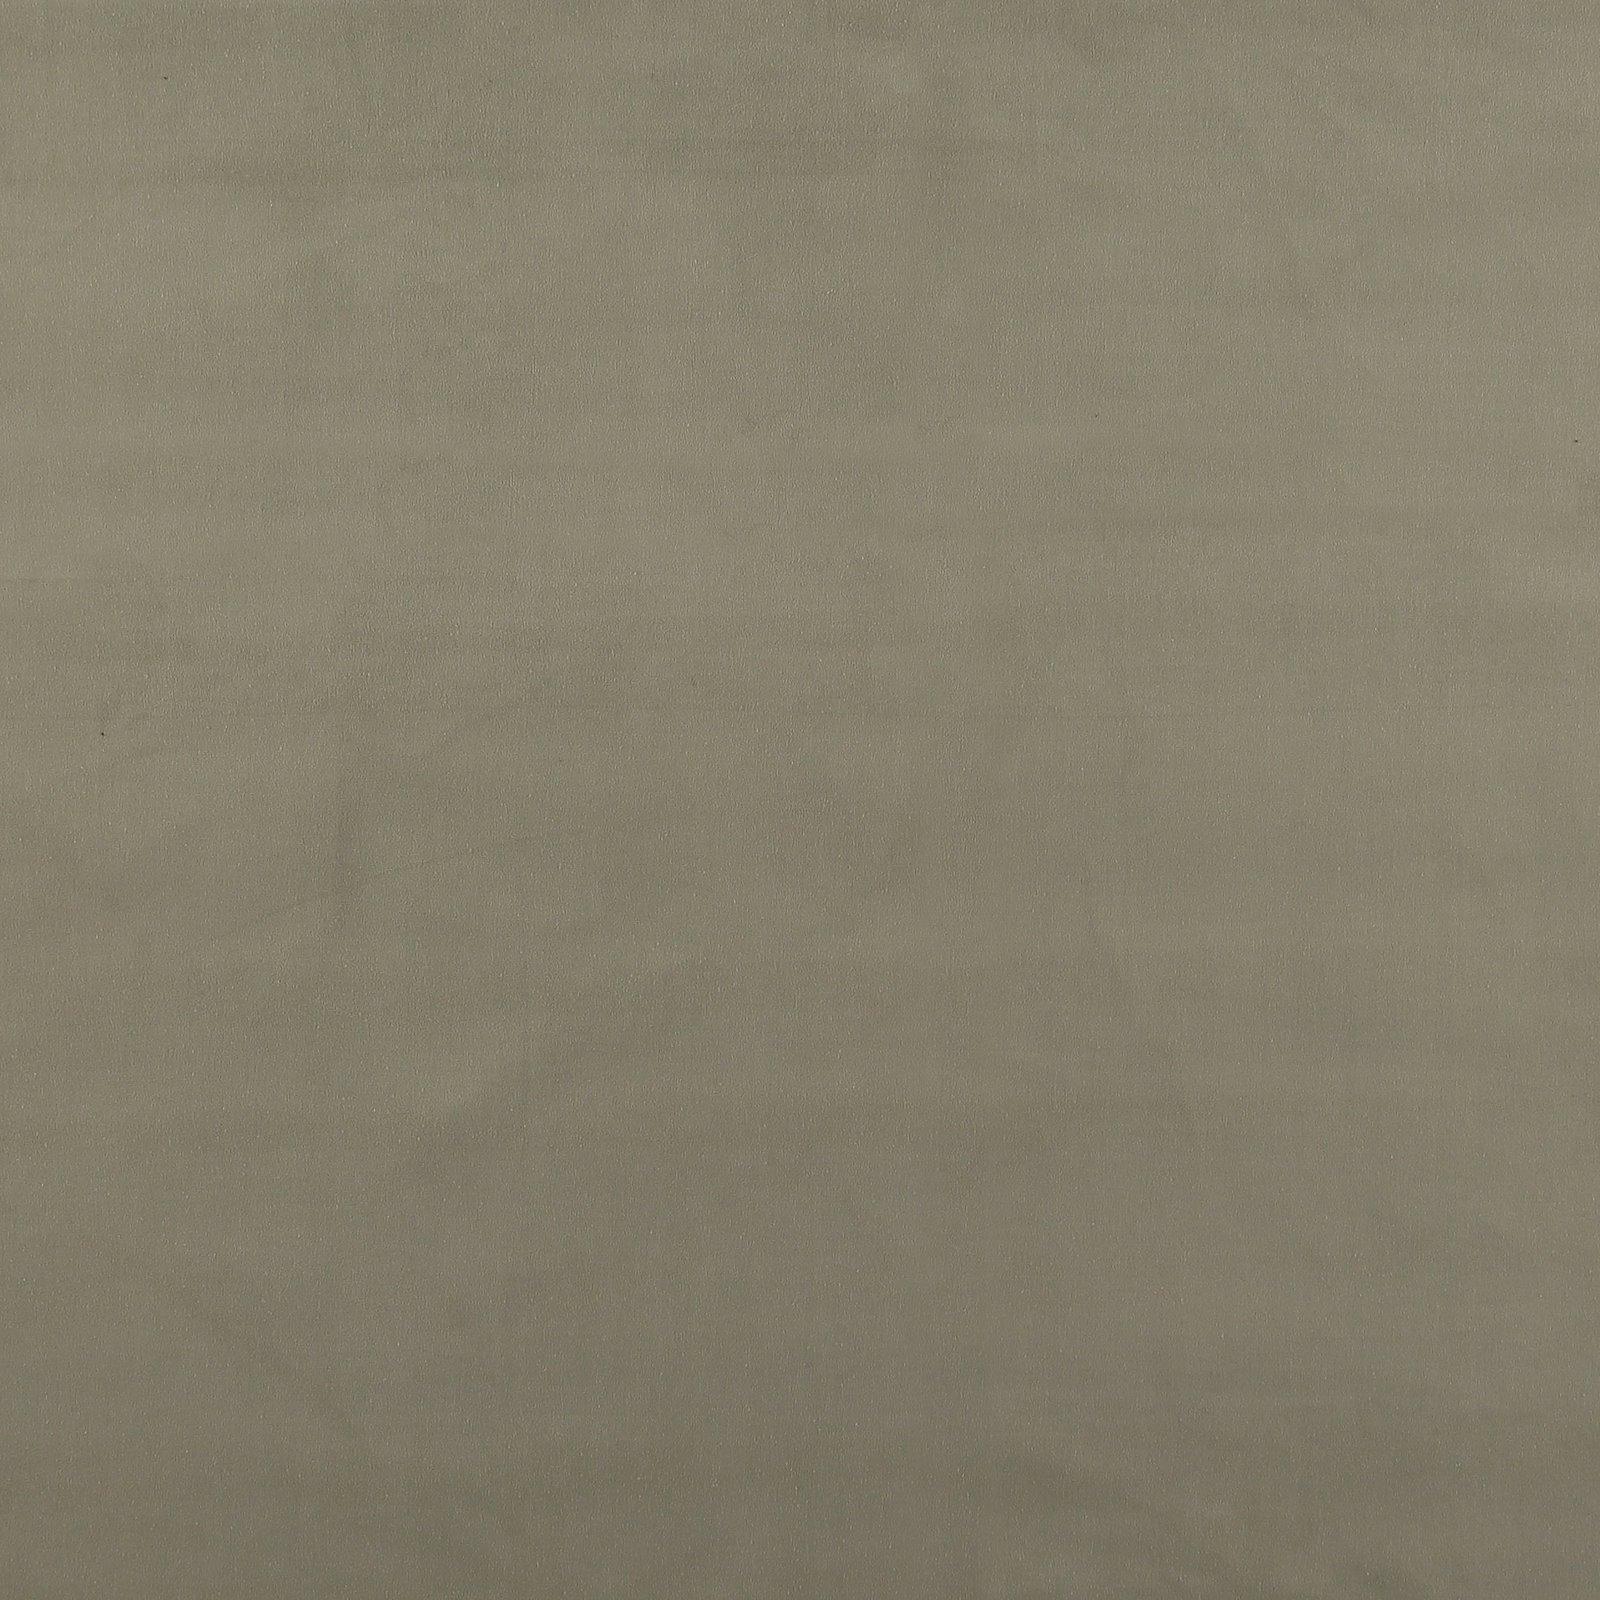 Upholstery velvet light khaki 824158_pack_solid